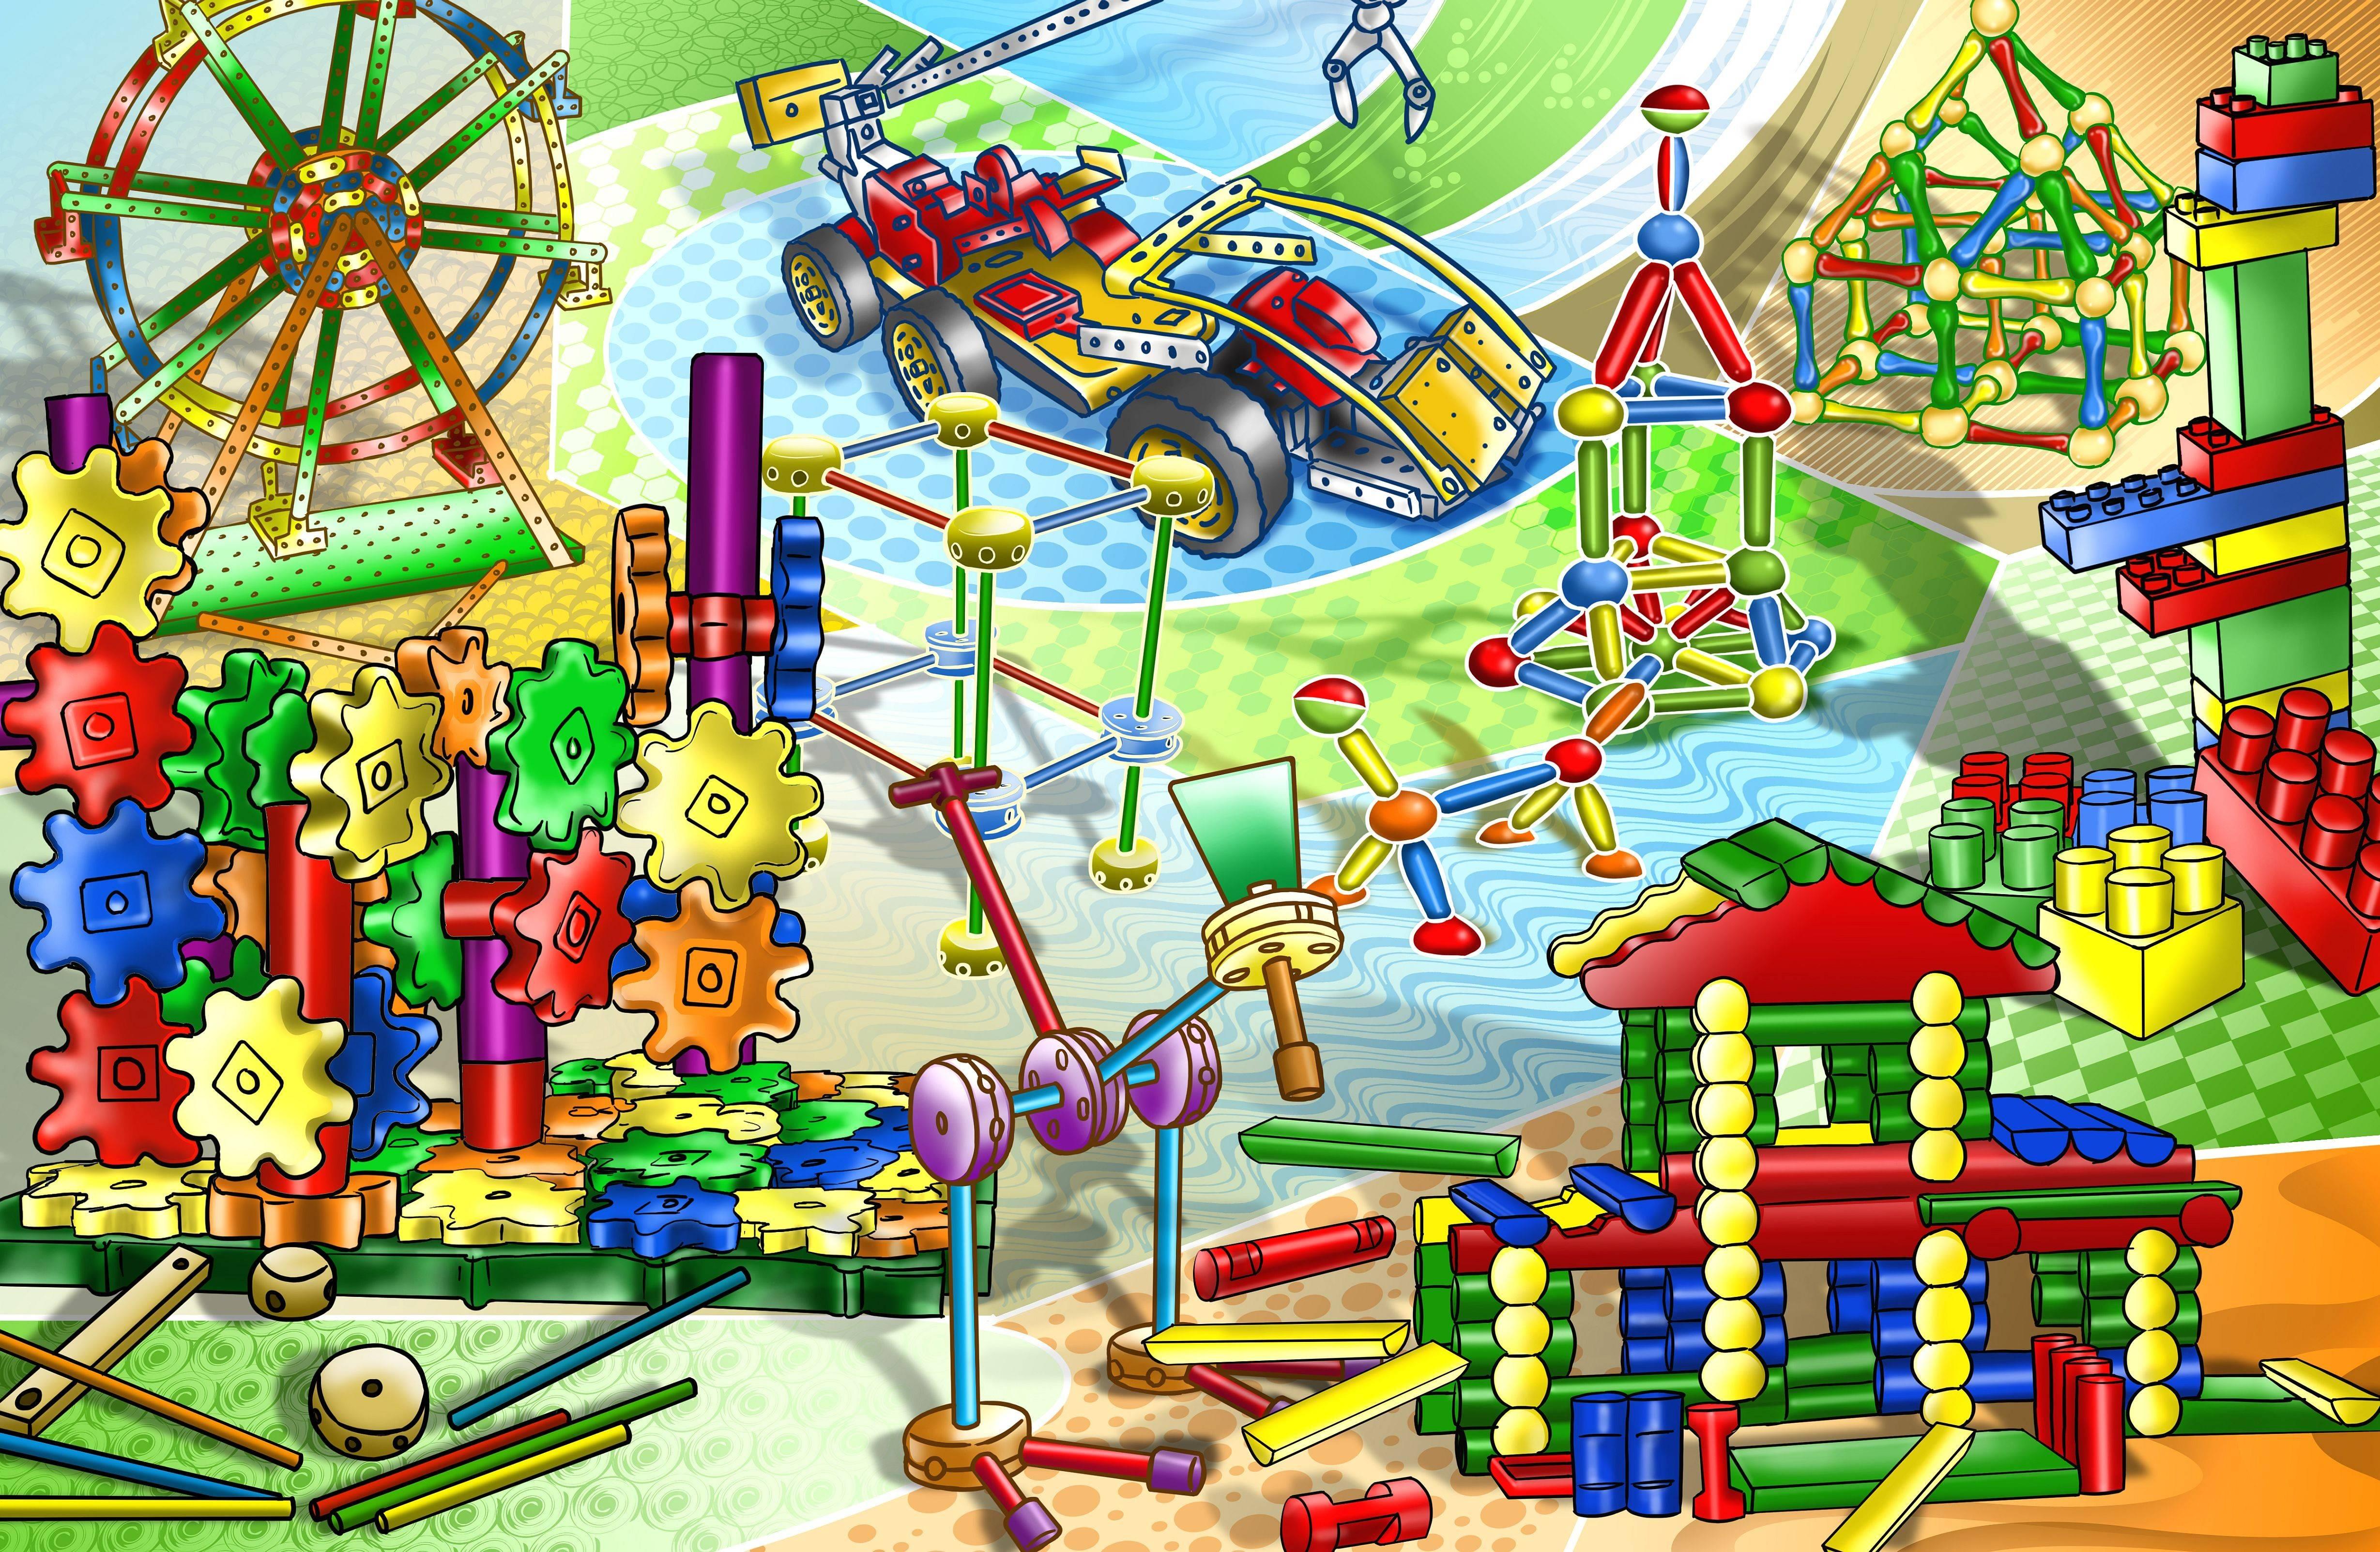 Kids Toys 49163206 Wallpaper 1697145 4916x3206